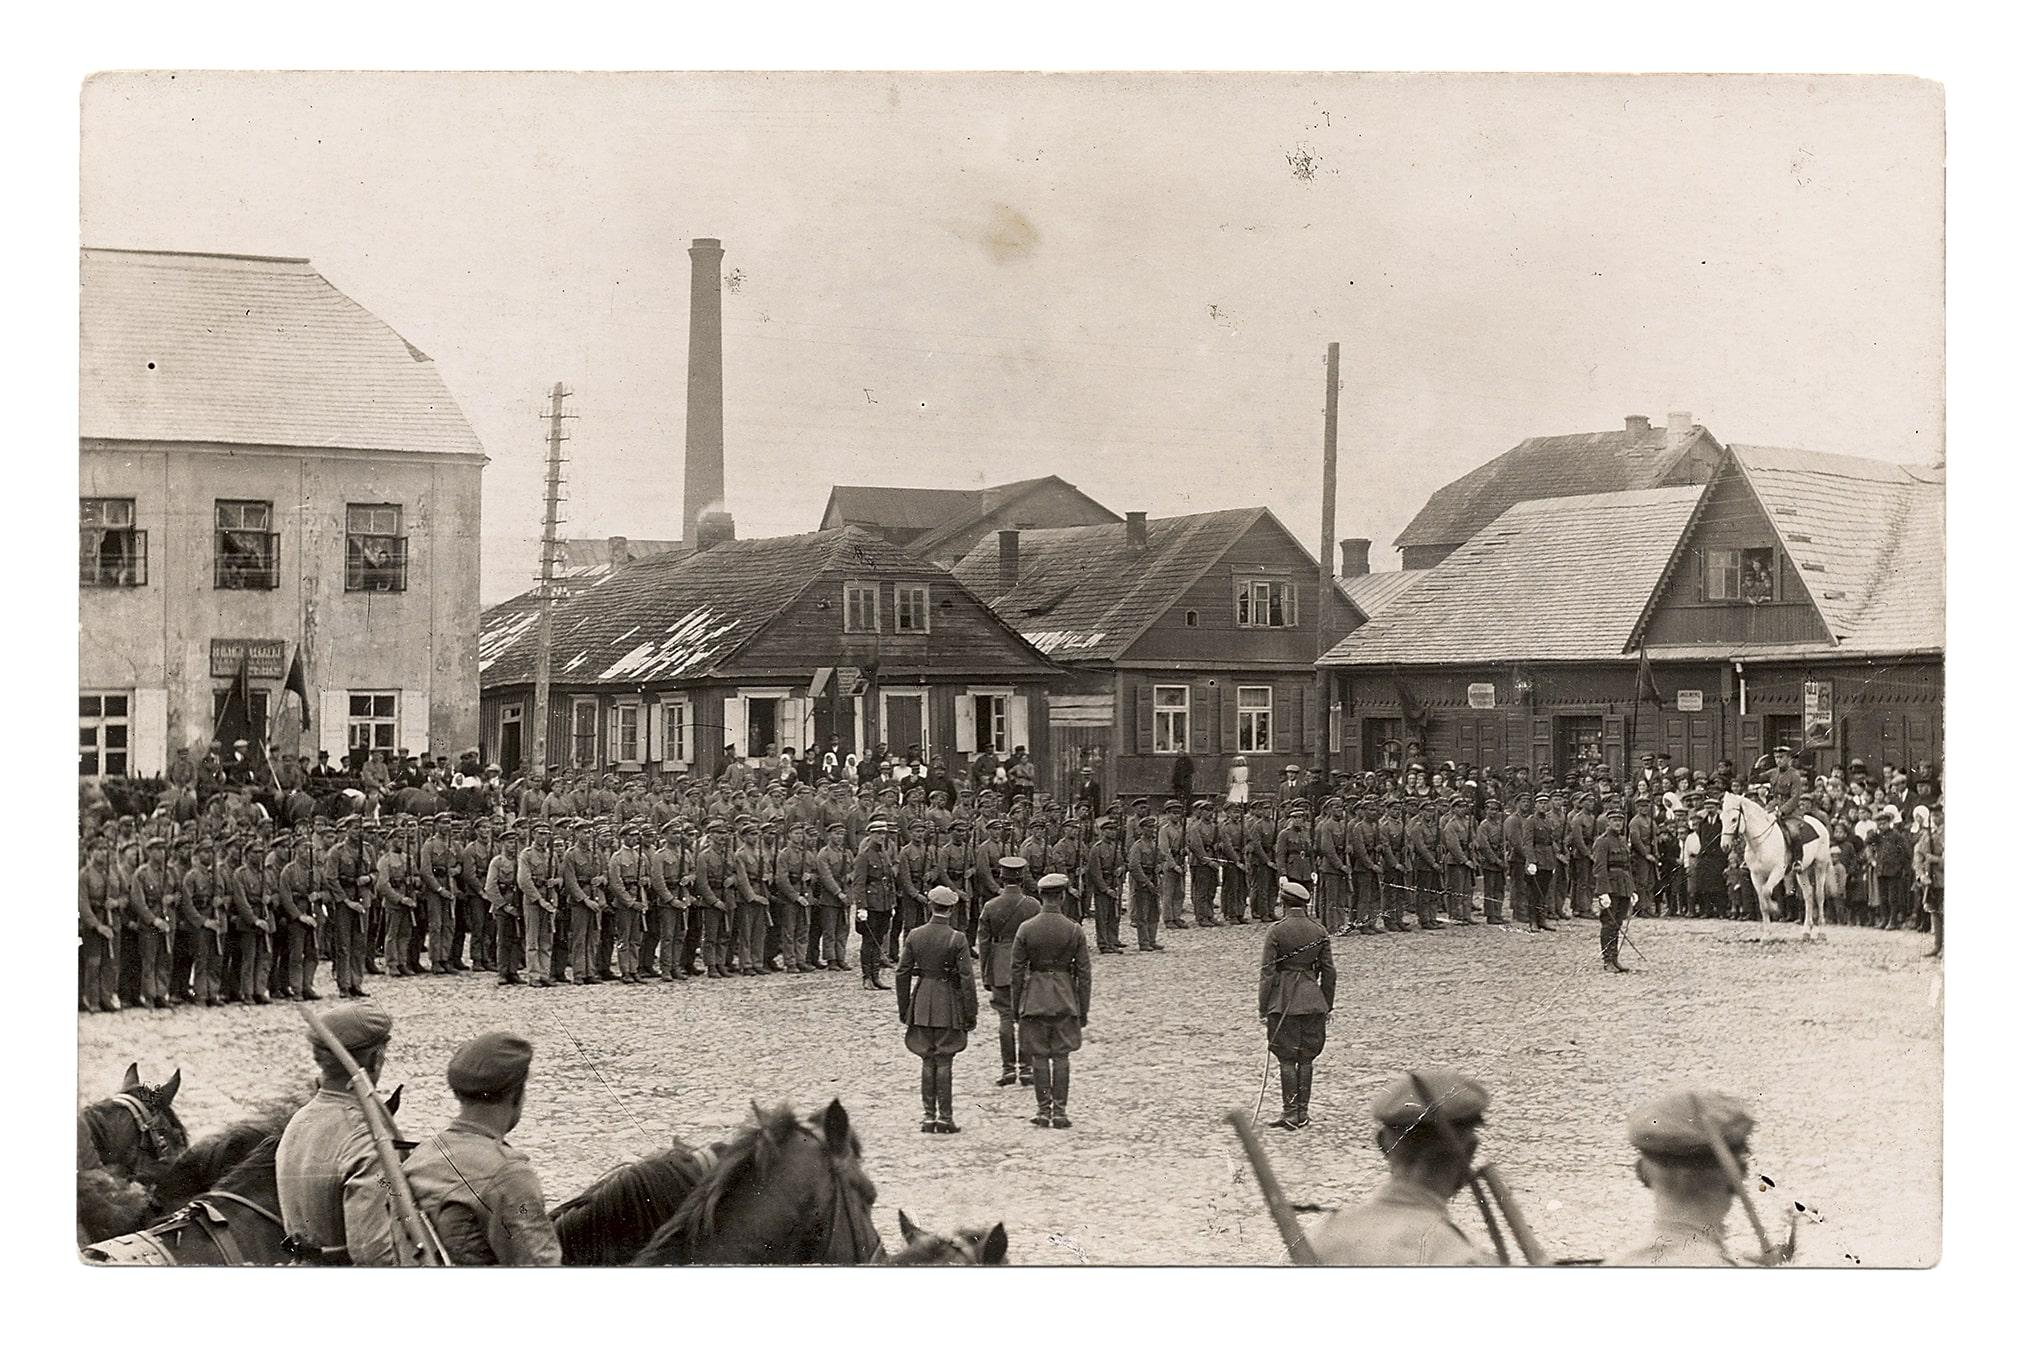 Iškilminga Lietuvos karių rikiuotė Vilniaus (dabar Didžiosios Rinkos) aikštėje Didžiajai Britanijai Lietuvą pripažinus de jure, 1922 m.